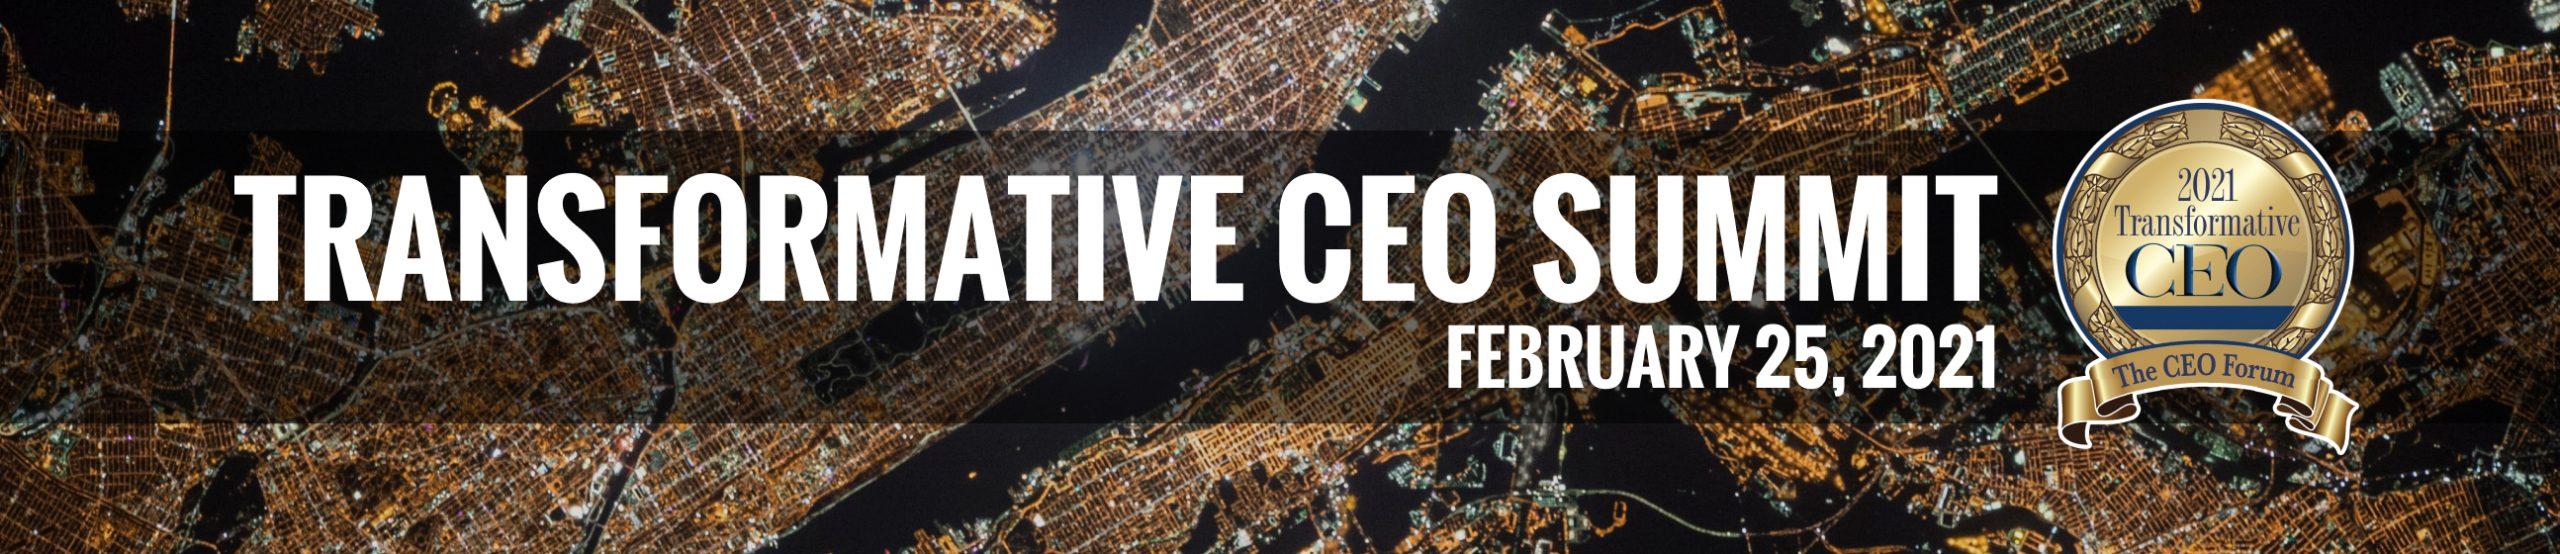 Transformative CEO Summit Banner